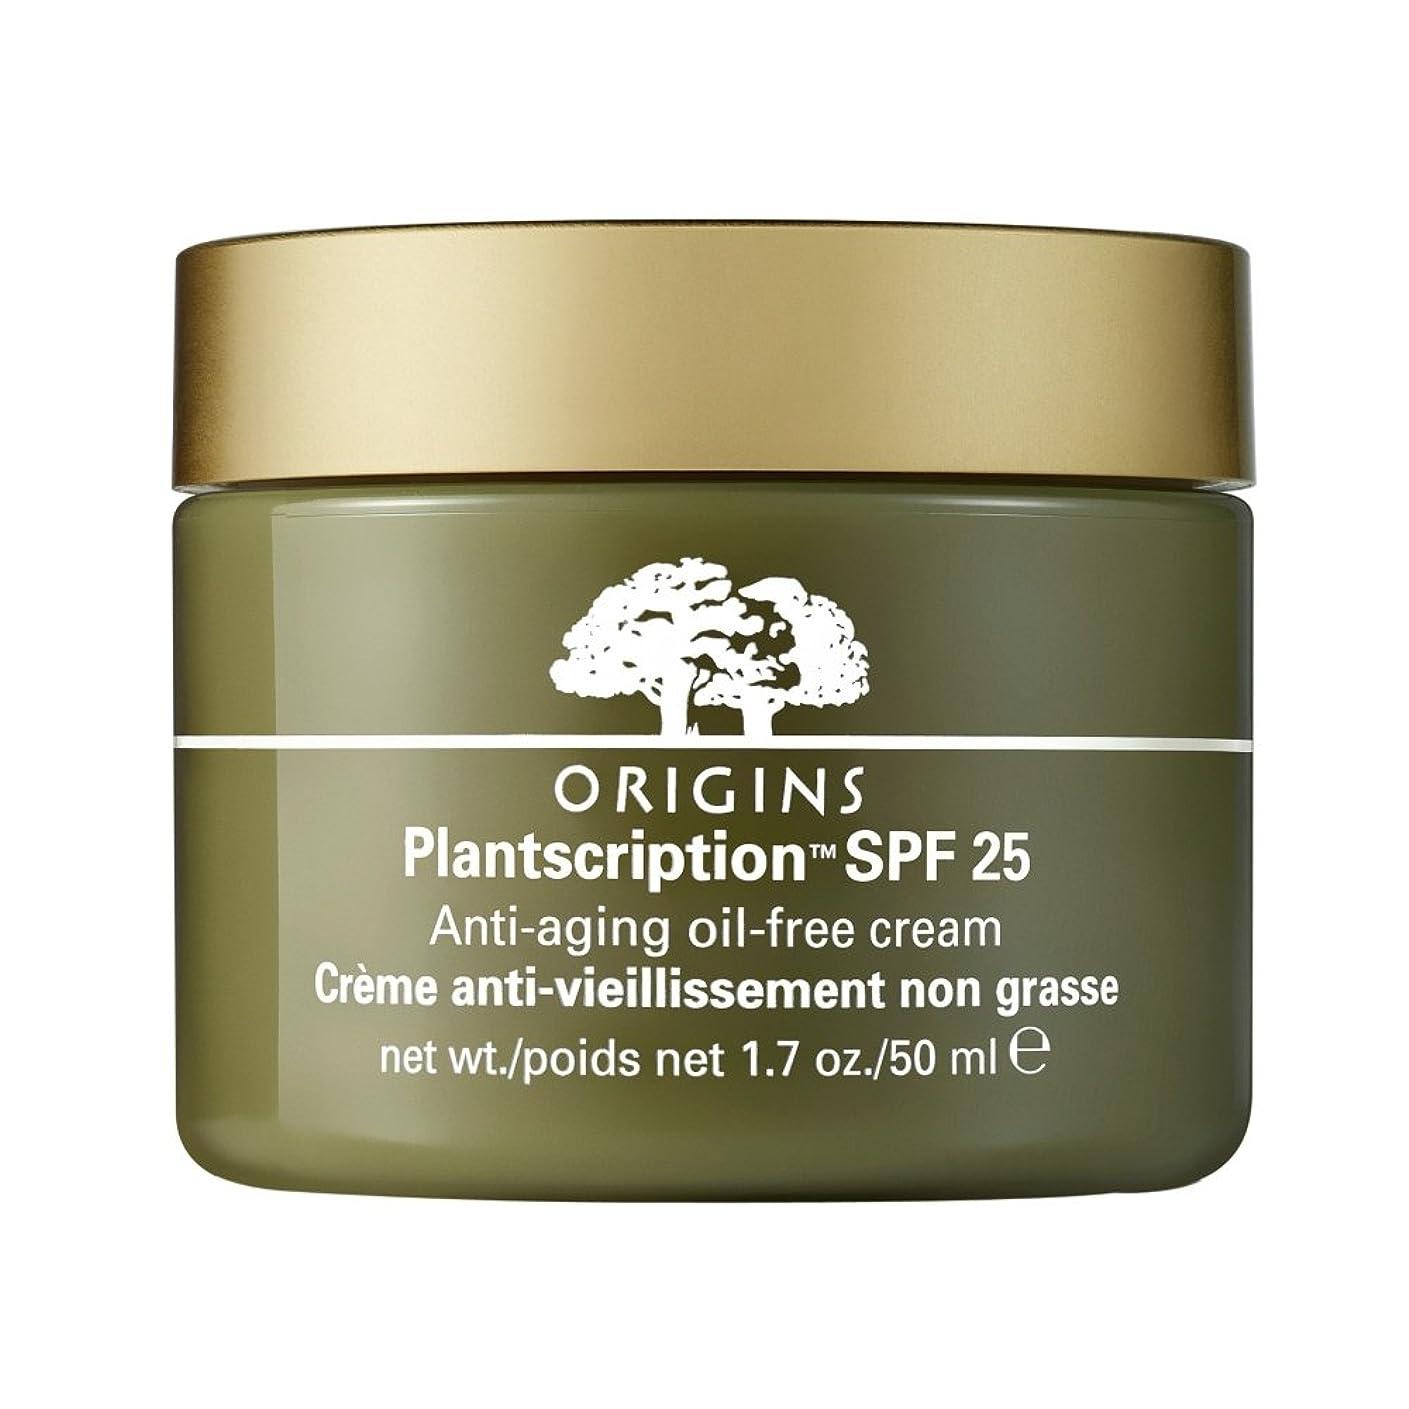 スツールクローゼット不和起源Plantscription?オイルフリーフェイスクリームSpf 25、50ミリリットル (Origins) (x6) - Origins Plantscription? Oil Free Face Cream SPF 25, 50ml (Pack of 6) [並行輸入品]